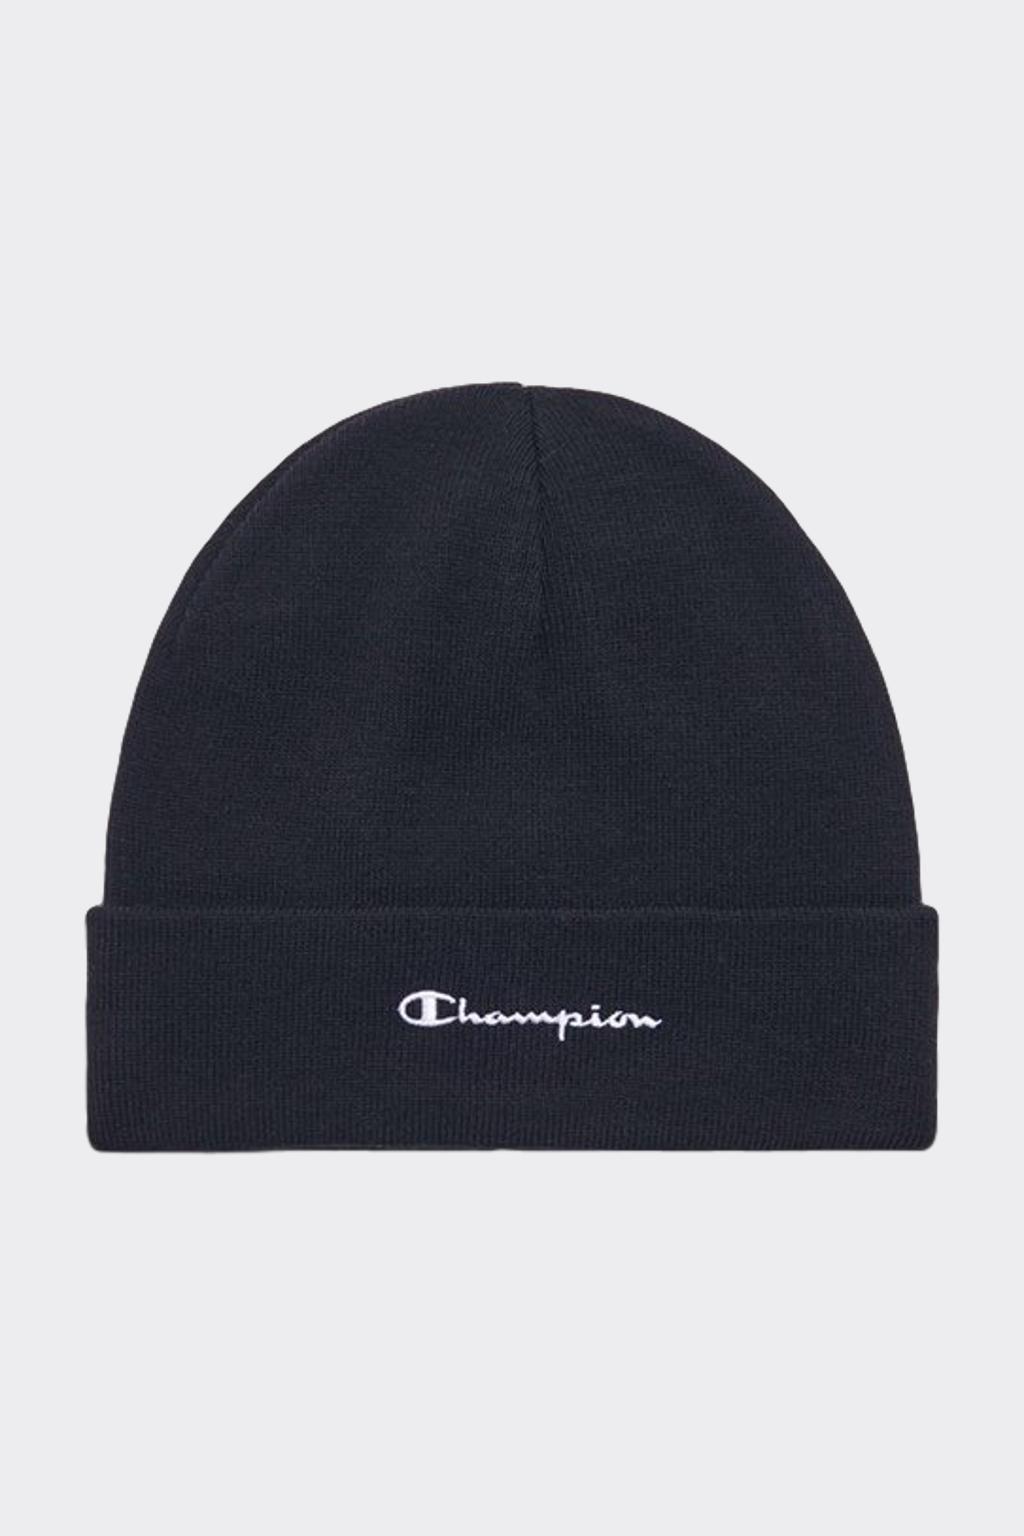 Champion čepice dámská - černá